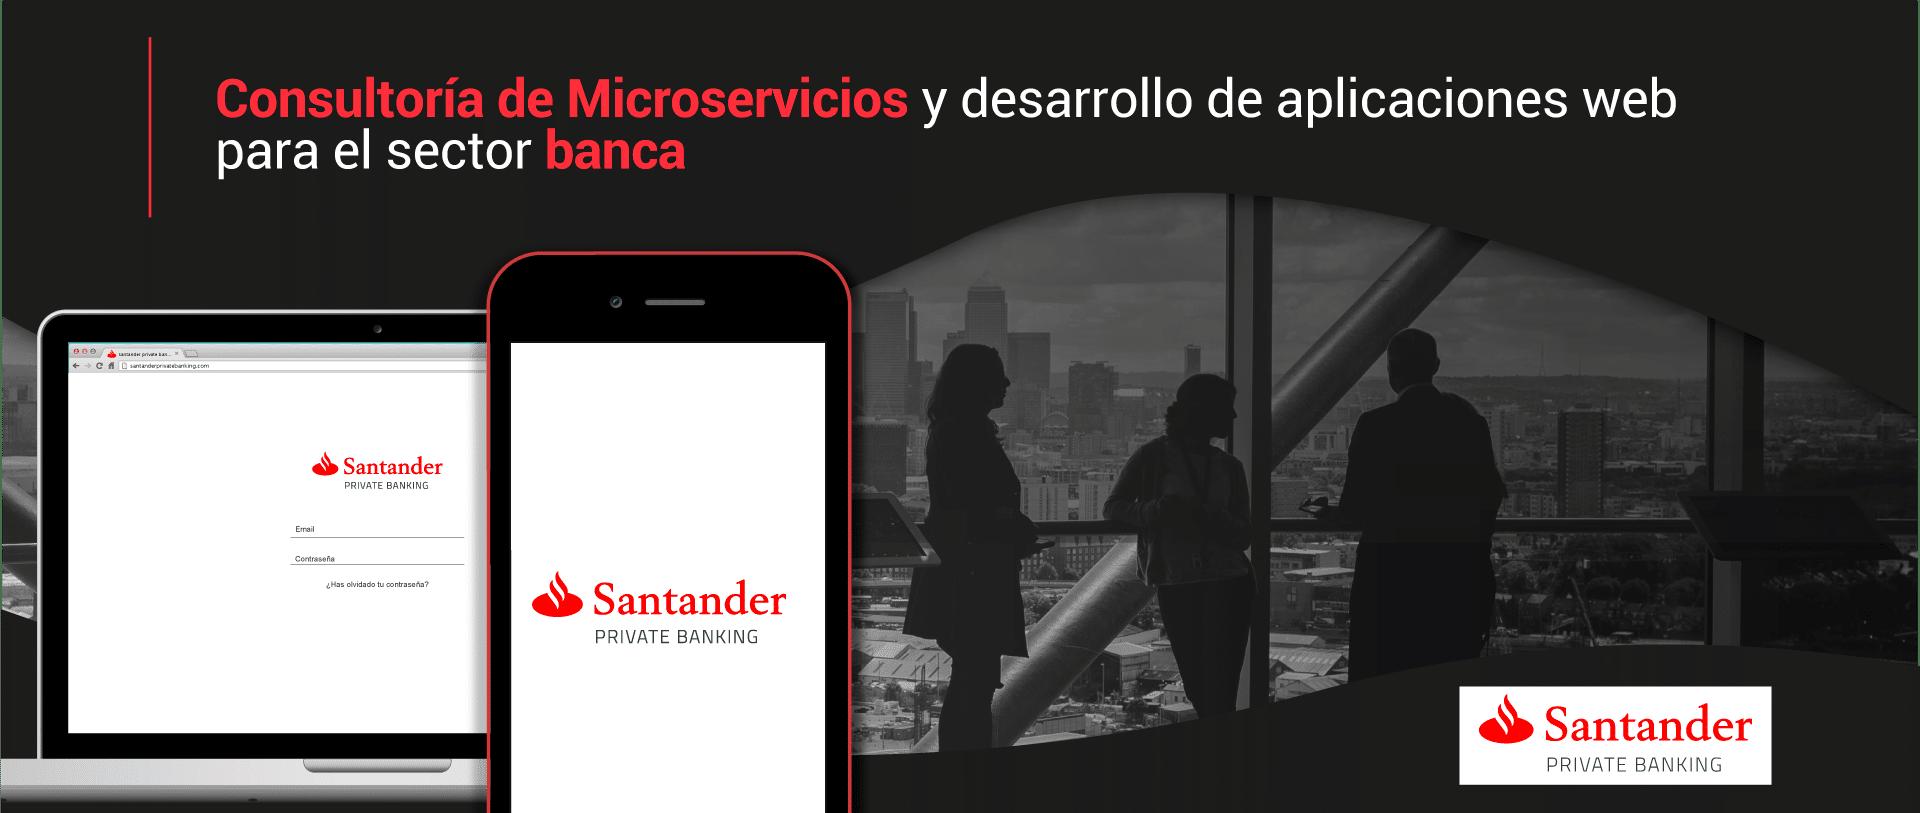 Diapositiva de slider con información sobre el cliente Banco Santander